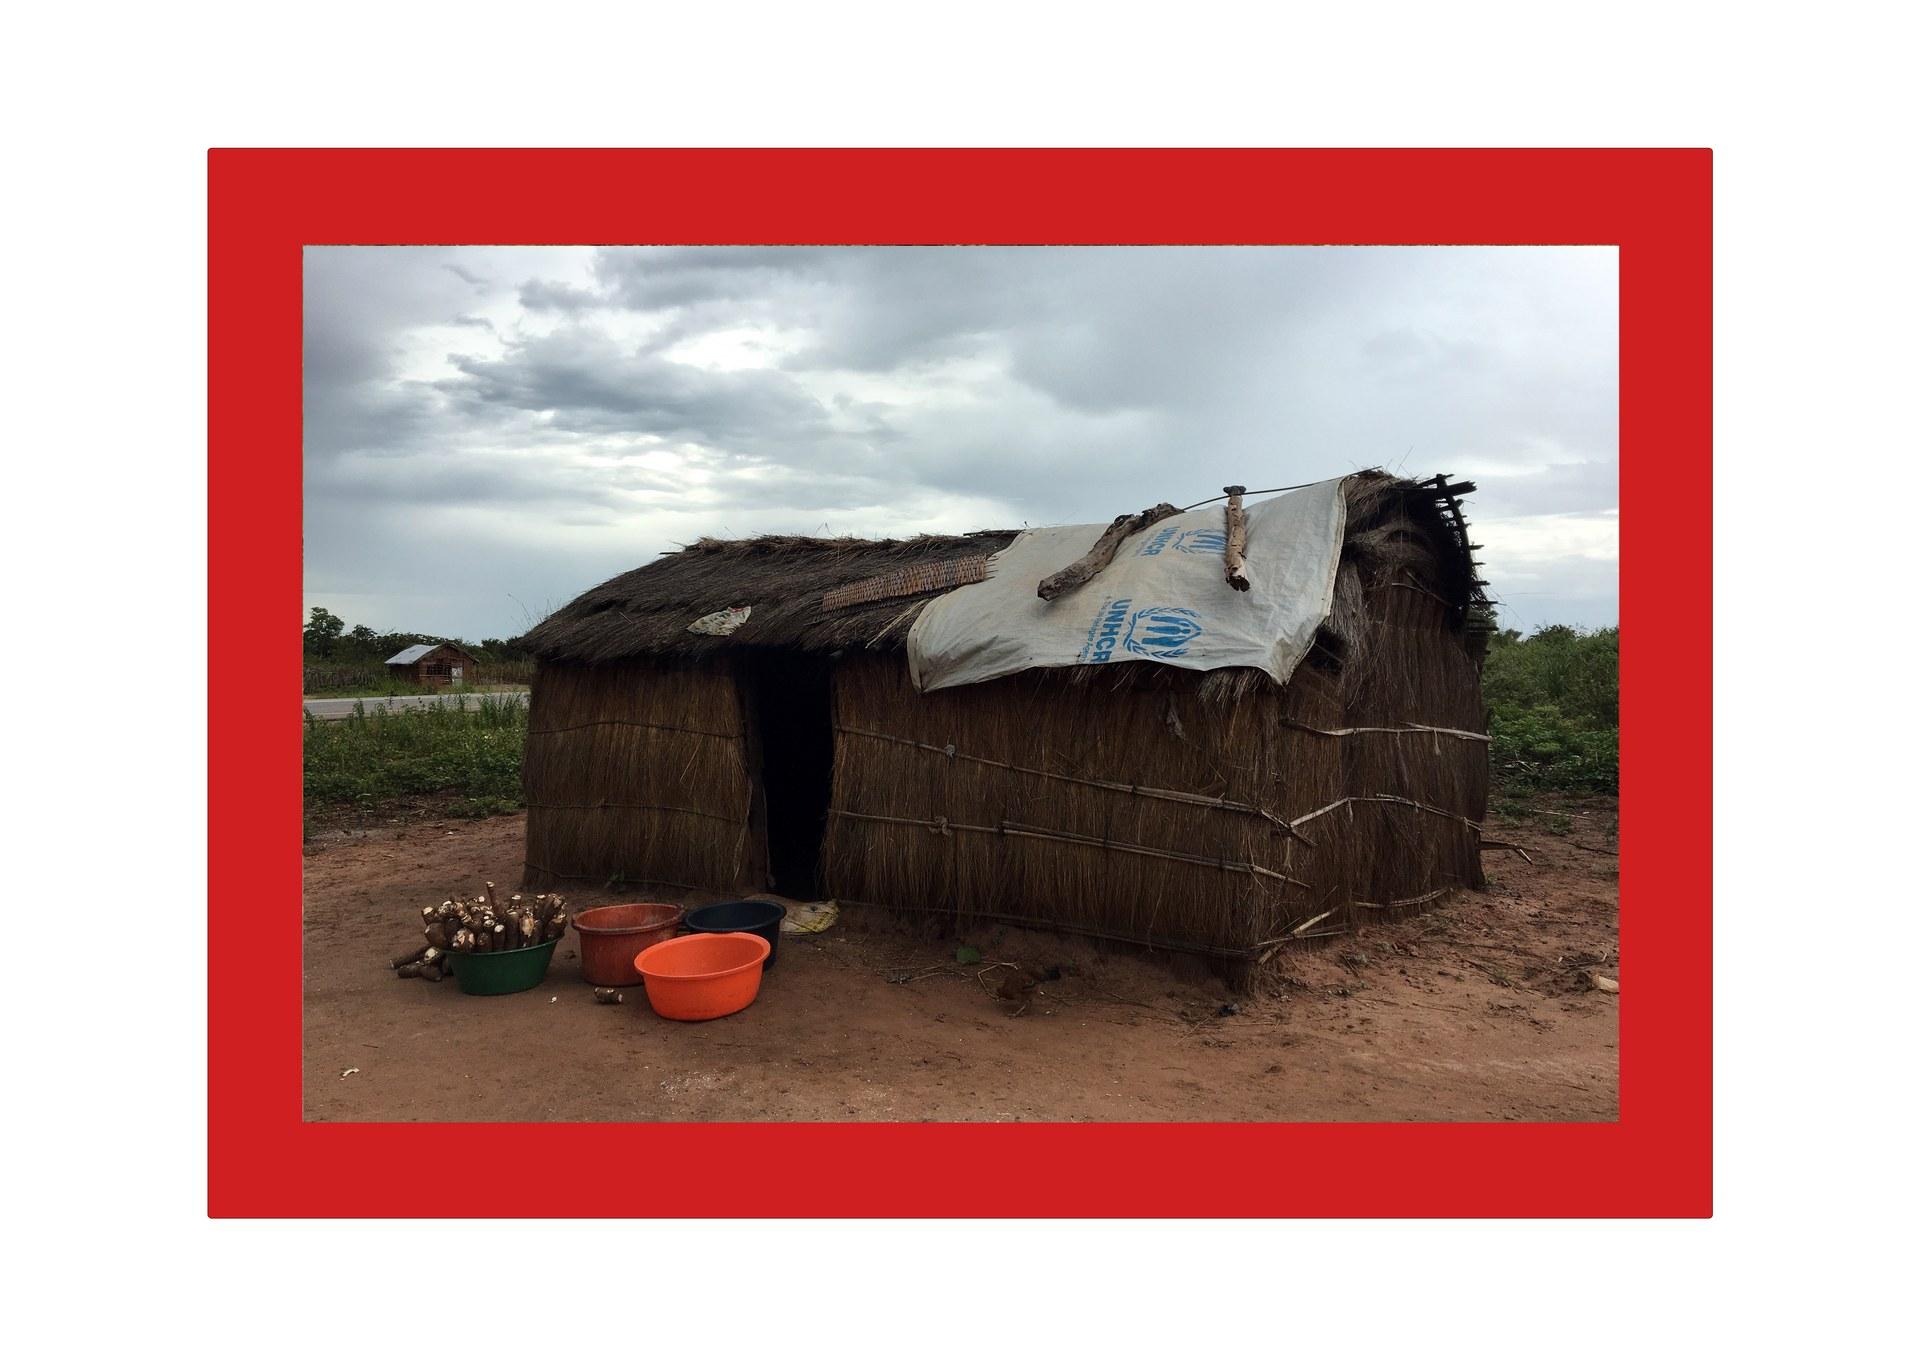 House in Chitato, Lunda Norte, Angola (plastic basin 4)